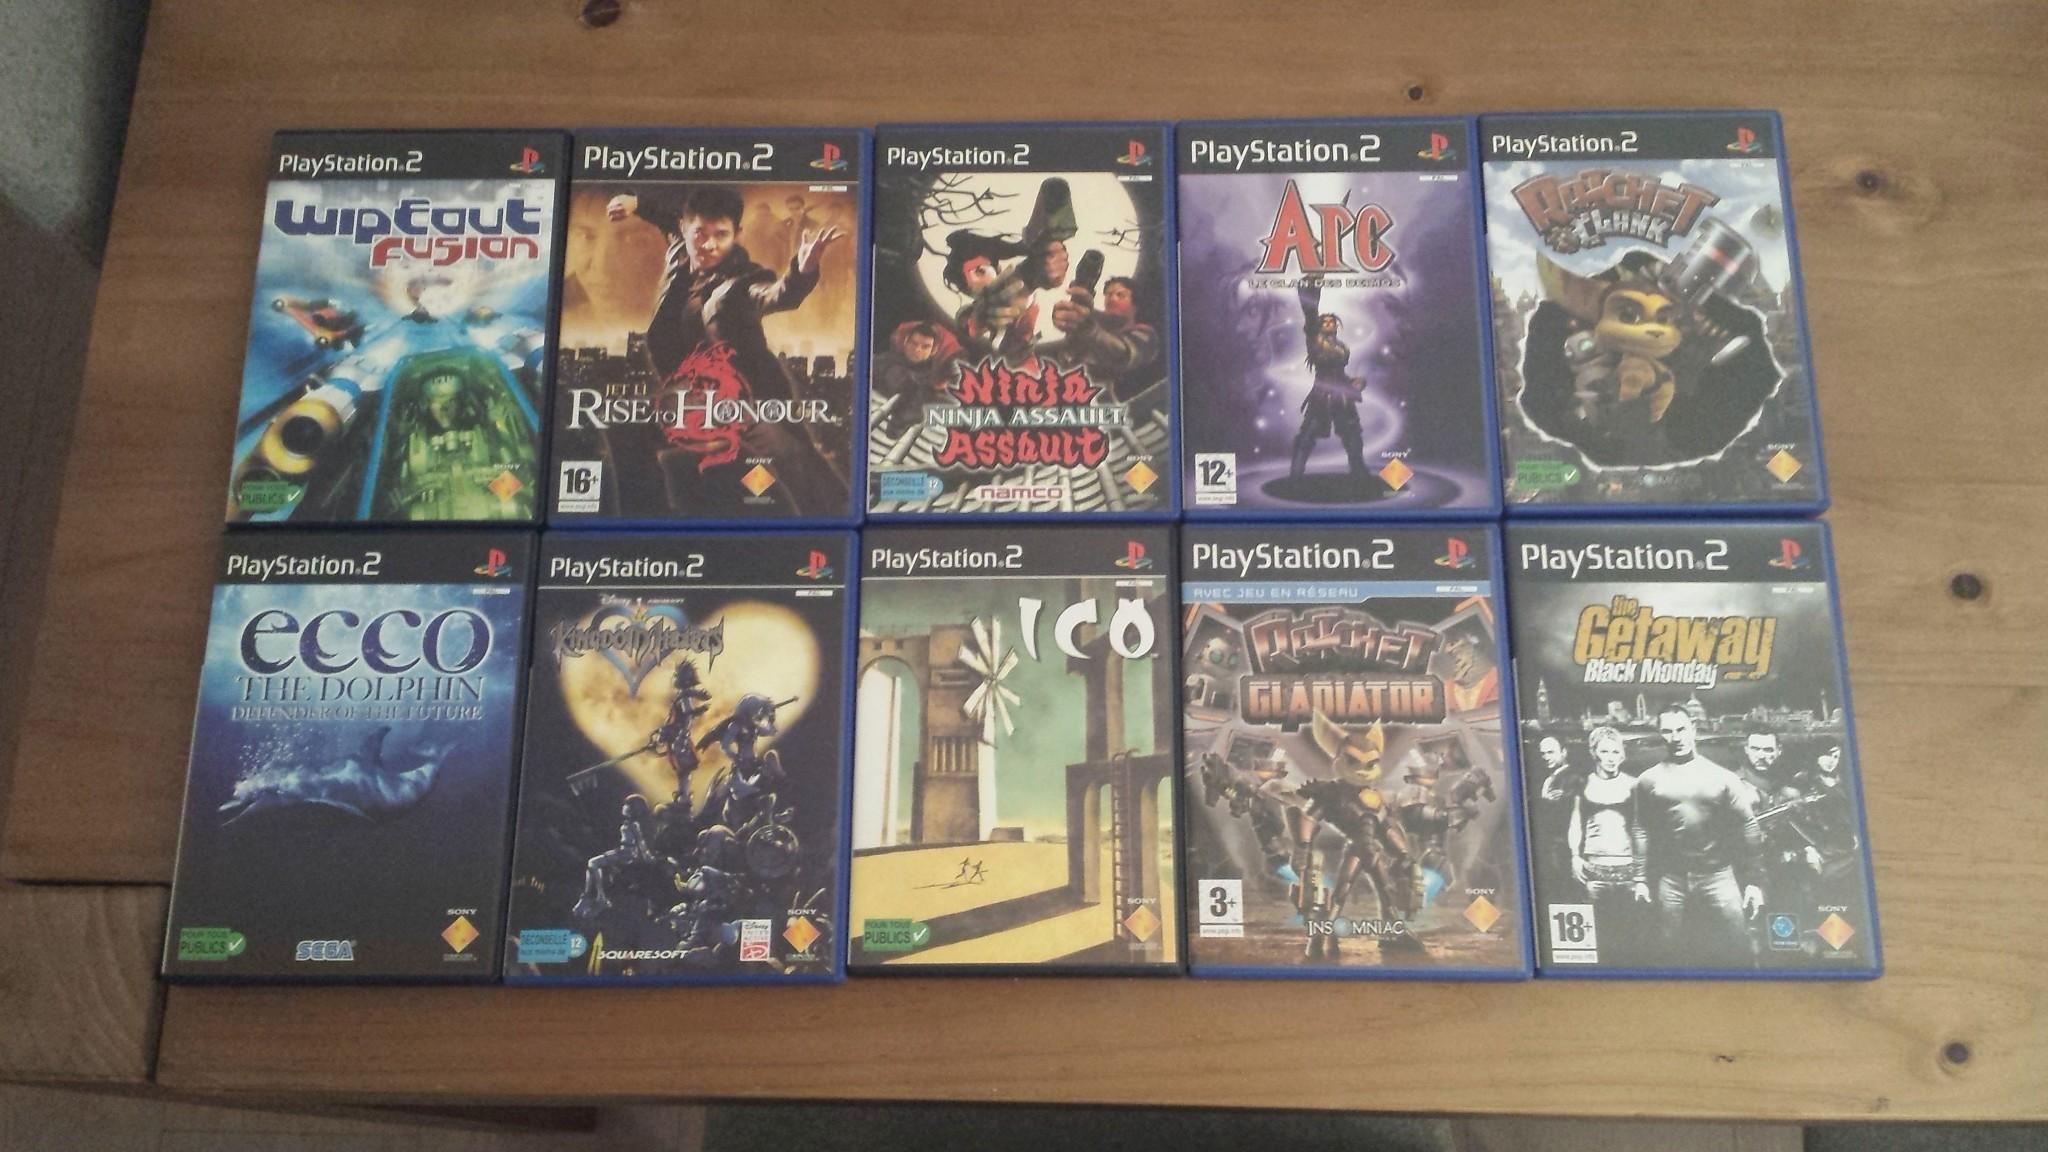 Vente - nombreux jeux PS2 format promo & jeux neufs sous blister 20180526